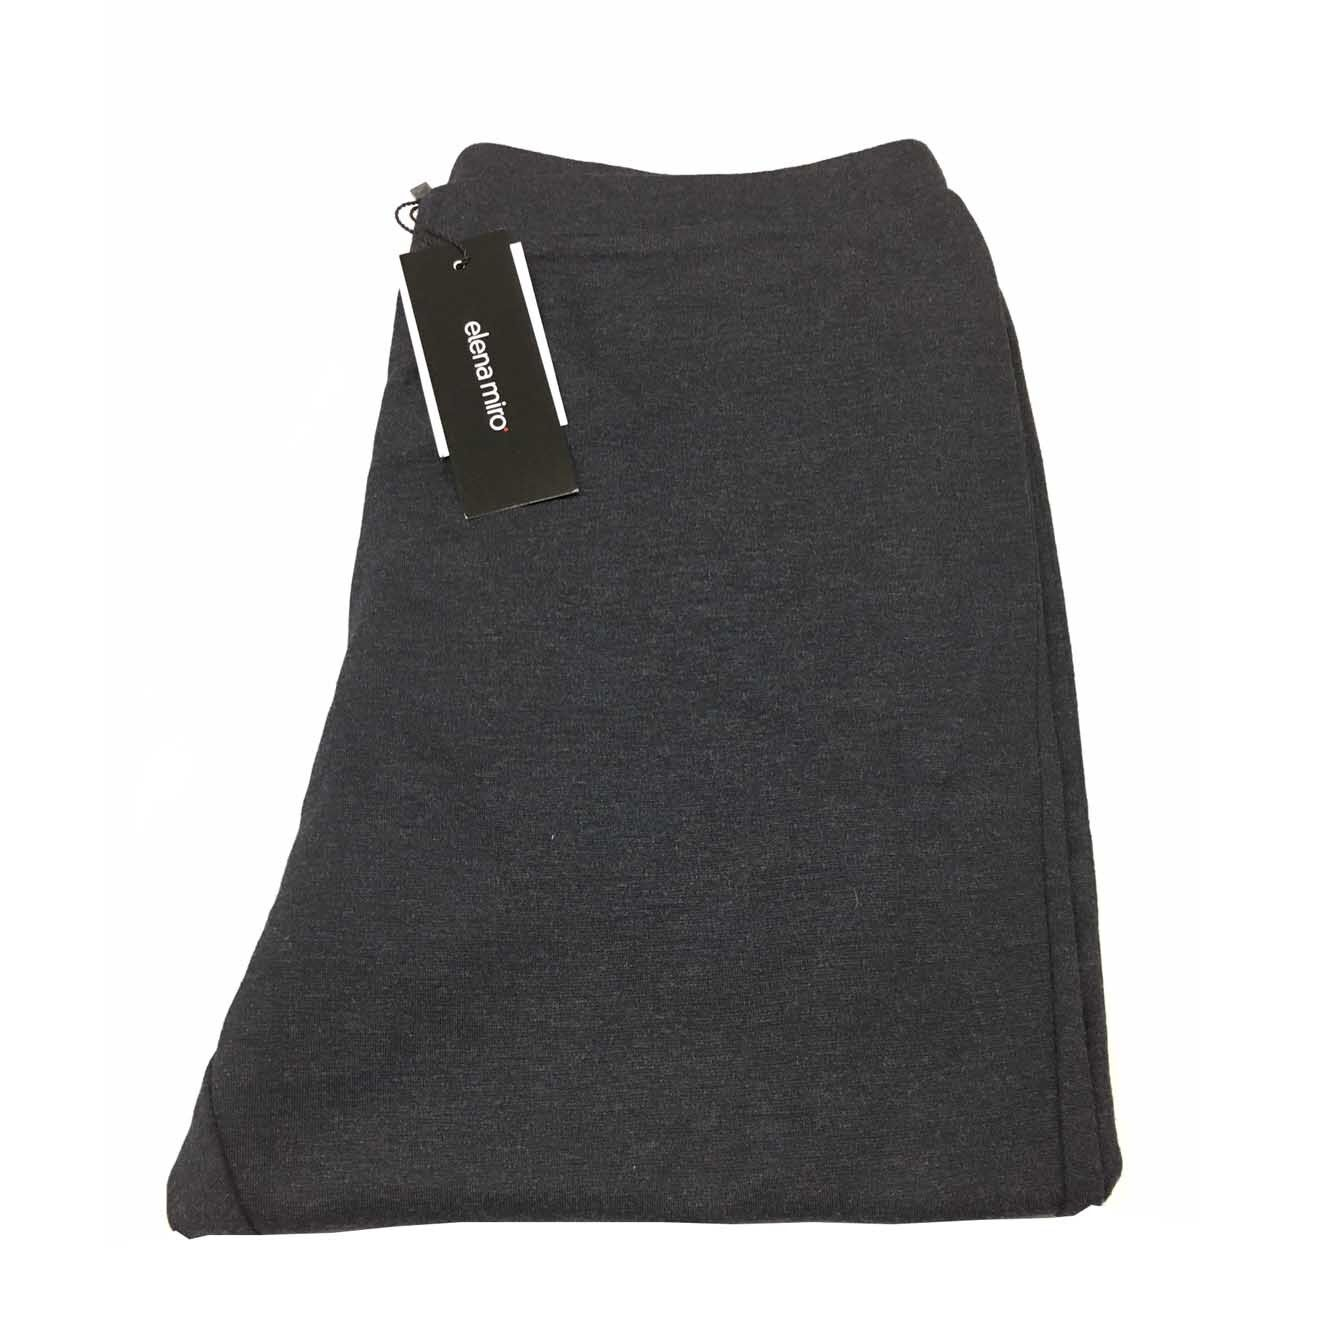 ELENA MIRO' leggins antracite punto stoffa stoffa stoffa con zip finale 83% viscosa 848470